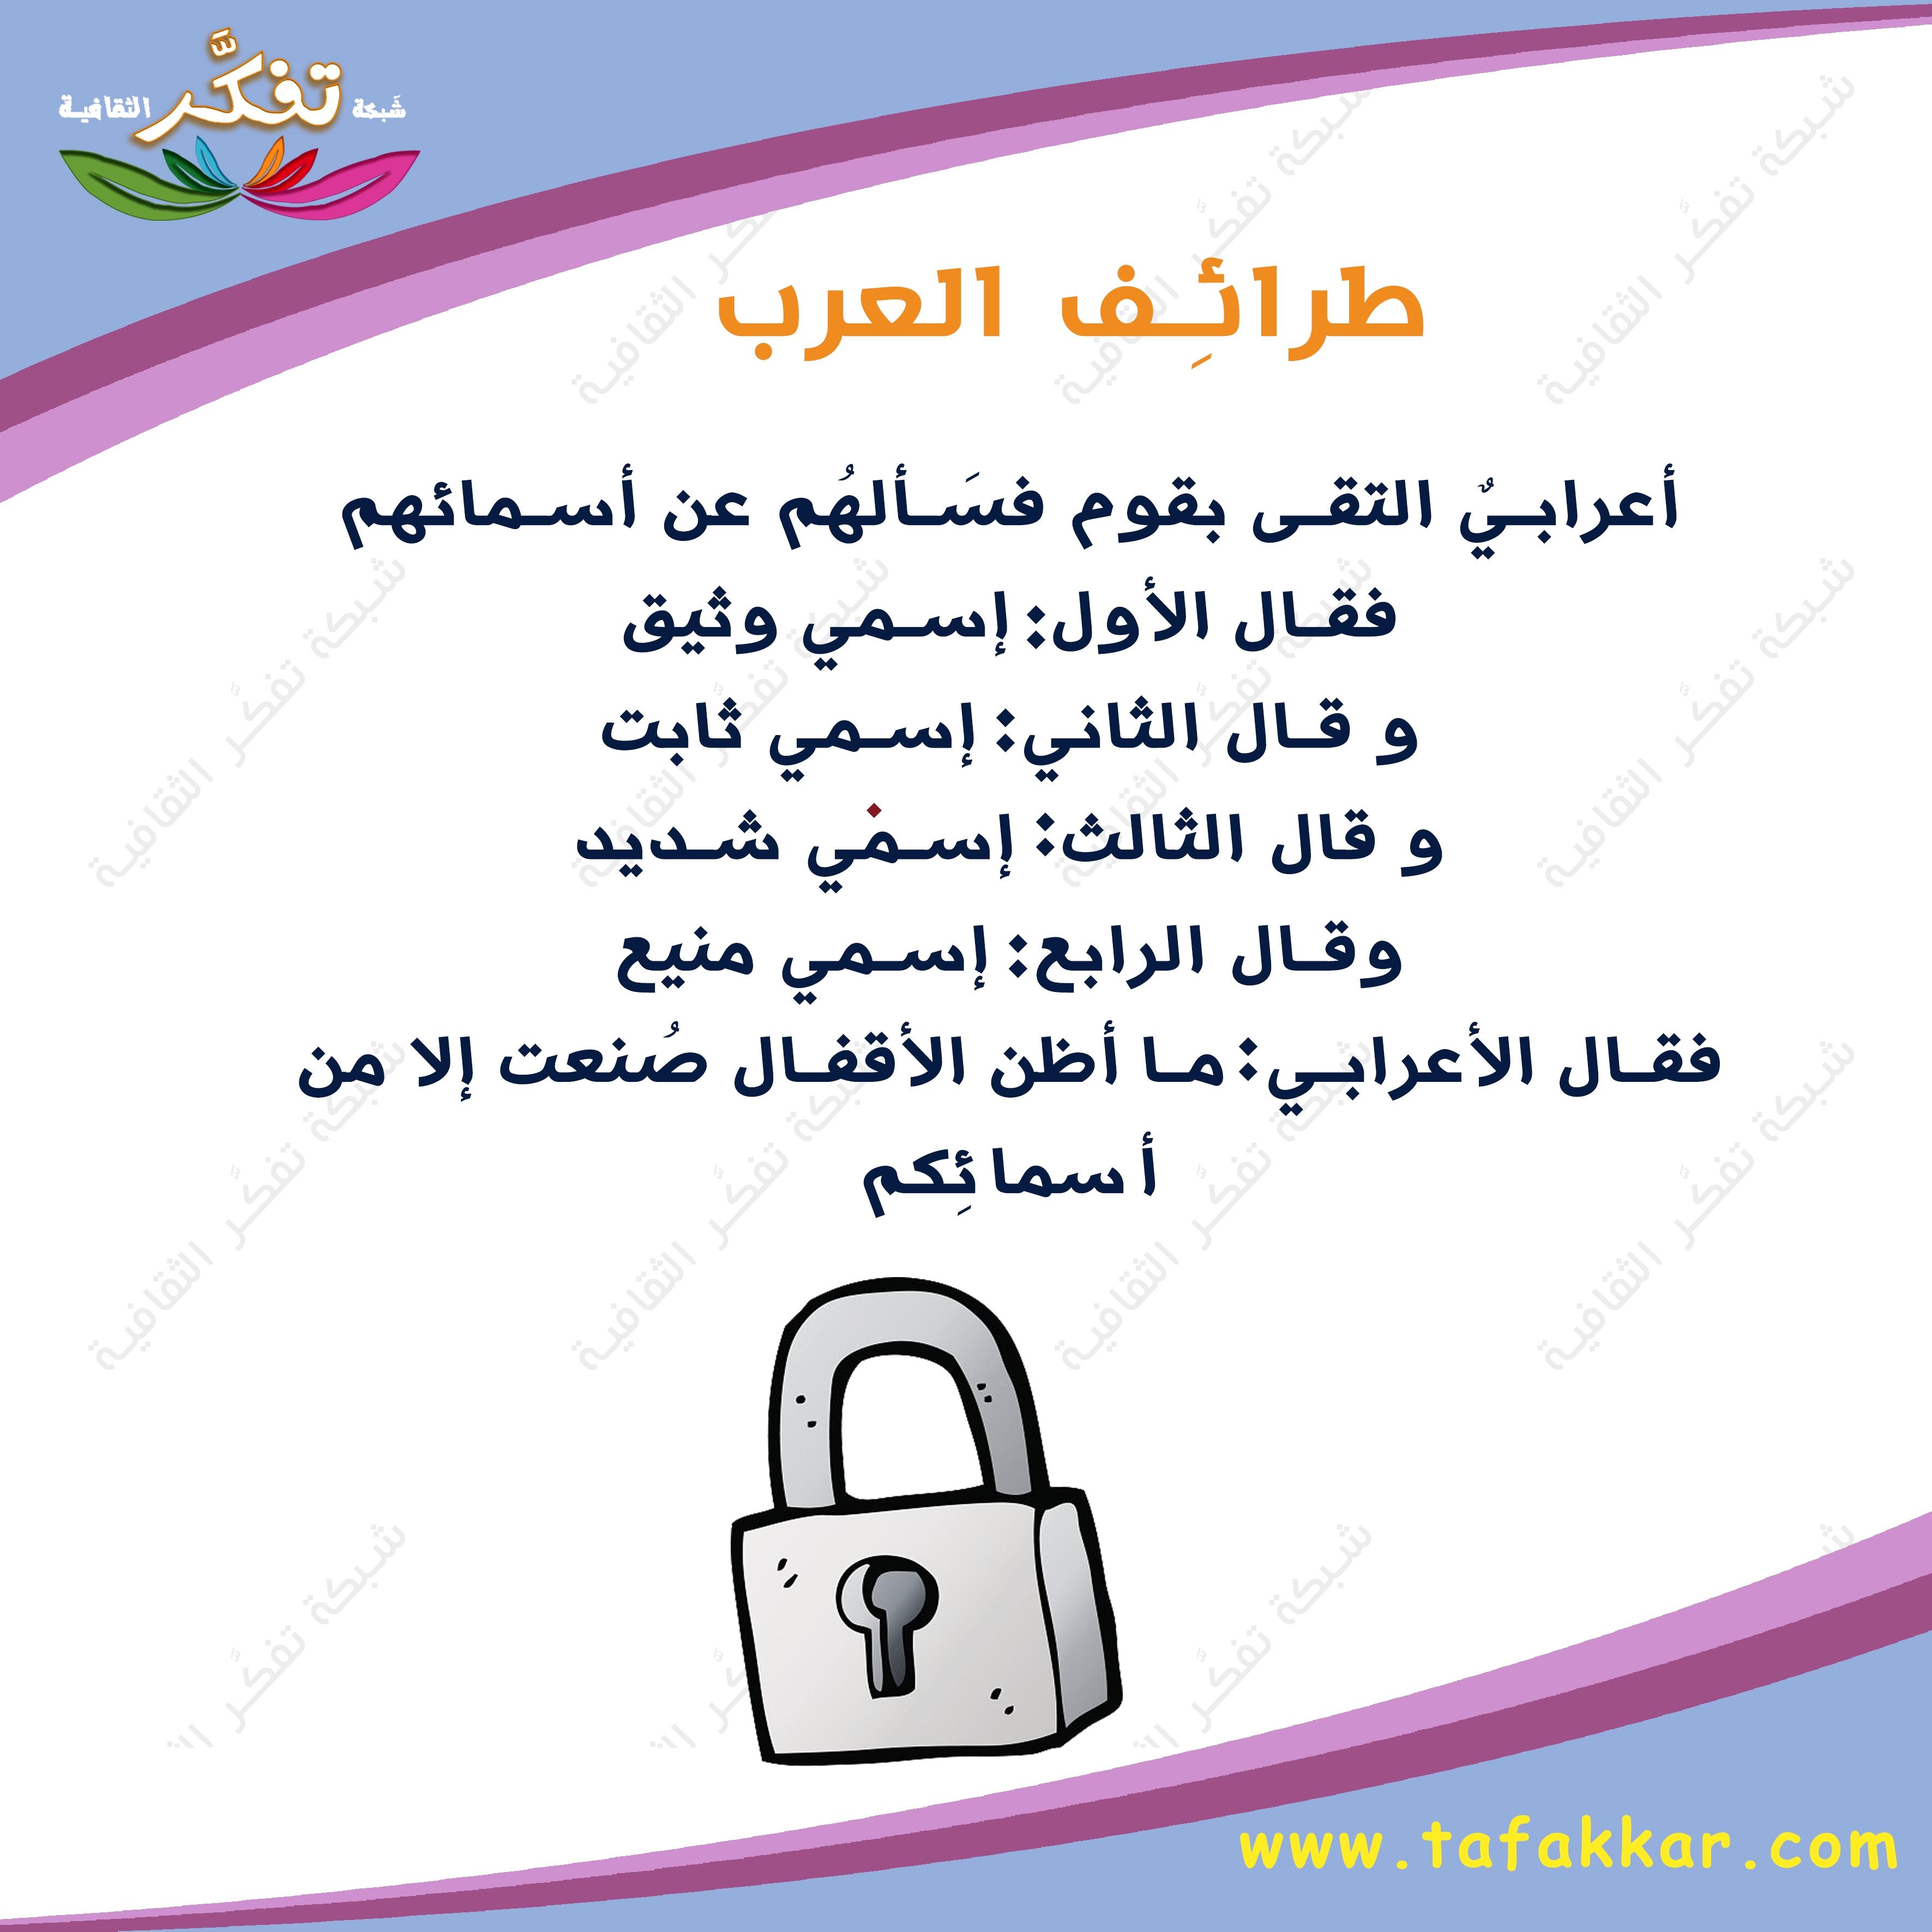 طرائف العرب و نوادرهم : الأعرابي و القوم ، و قصص اخرى